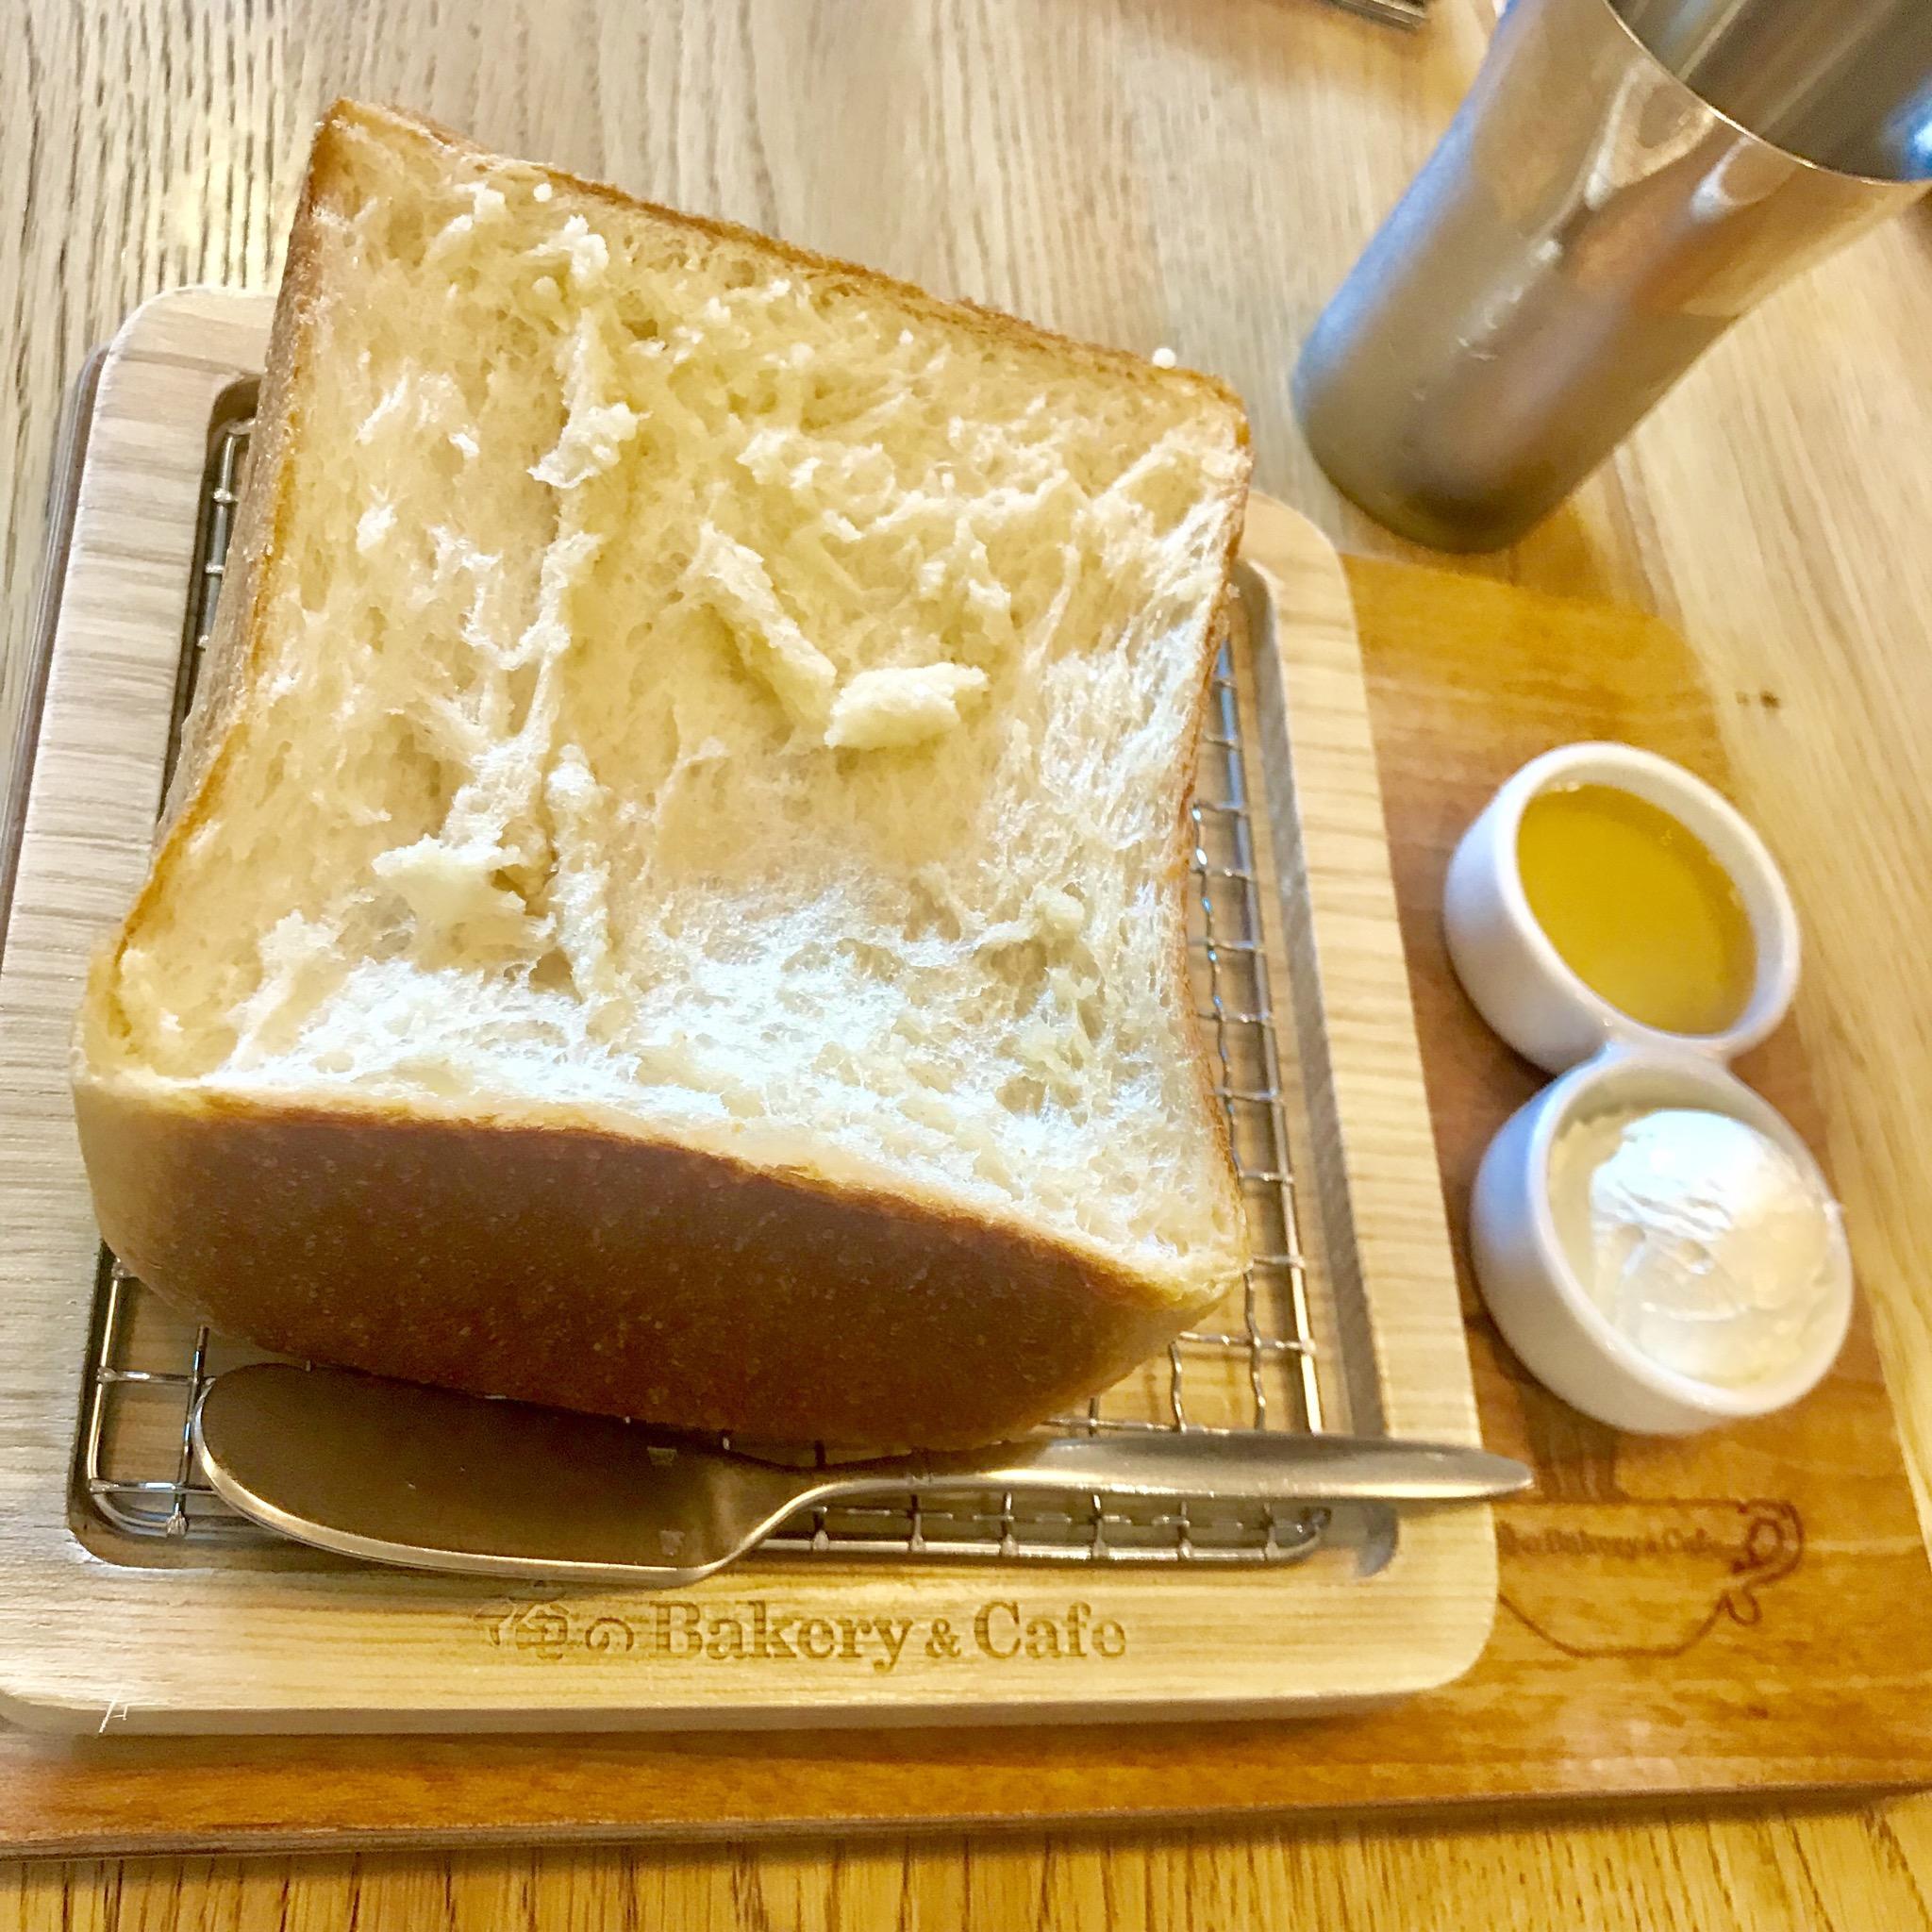 【オーダーチャンスは15分?!】俺のBakery&Cafeでふわもち食パン体験_1